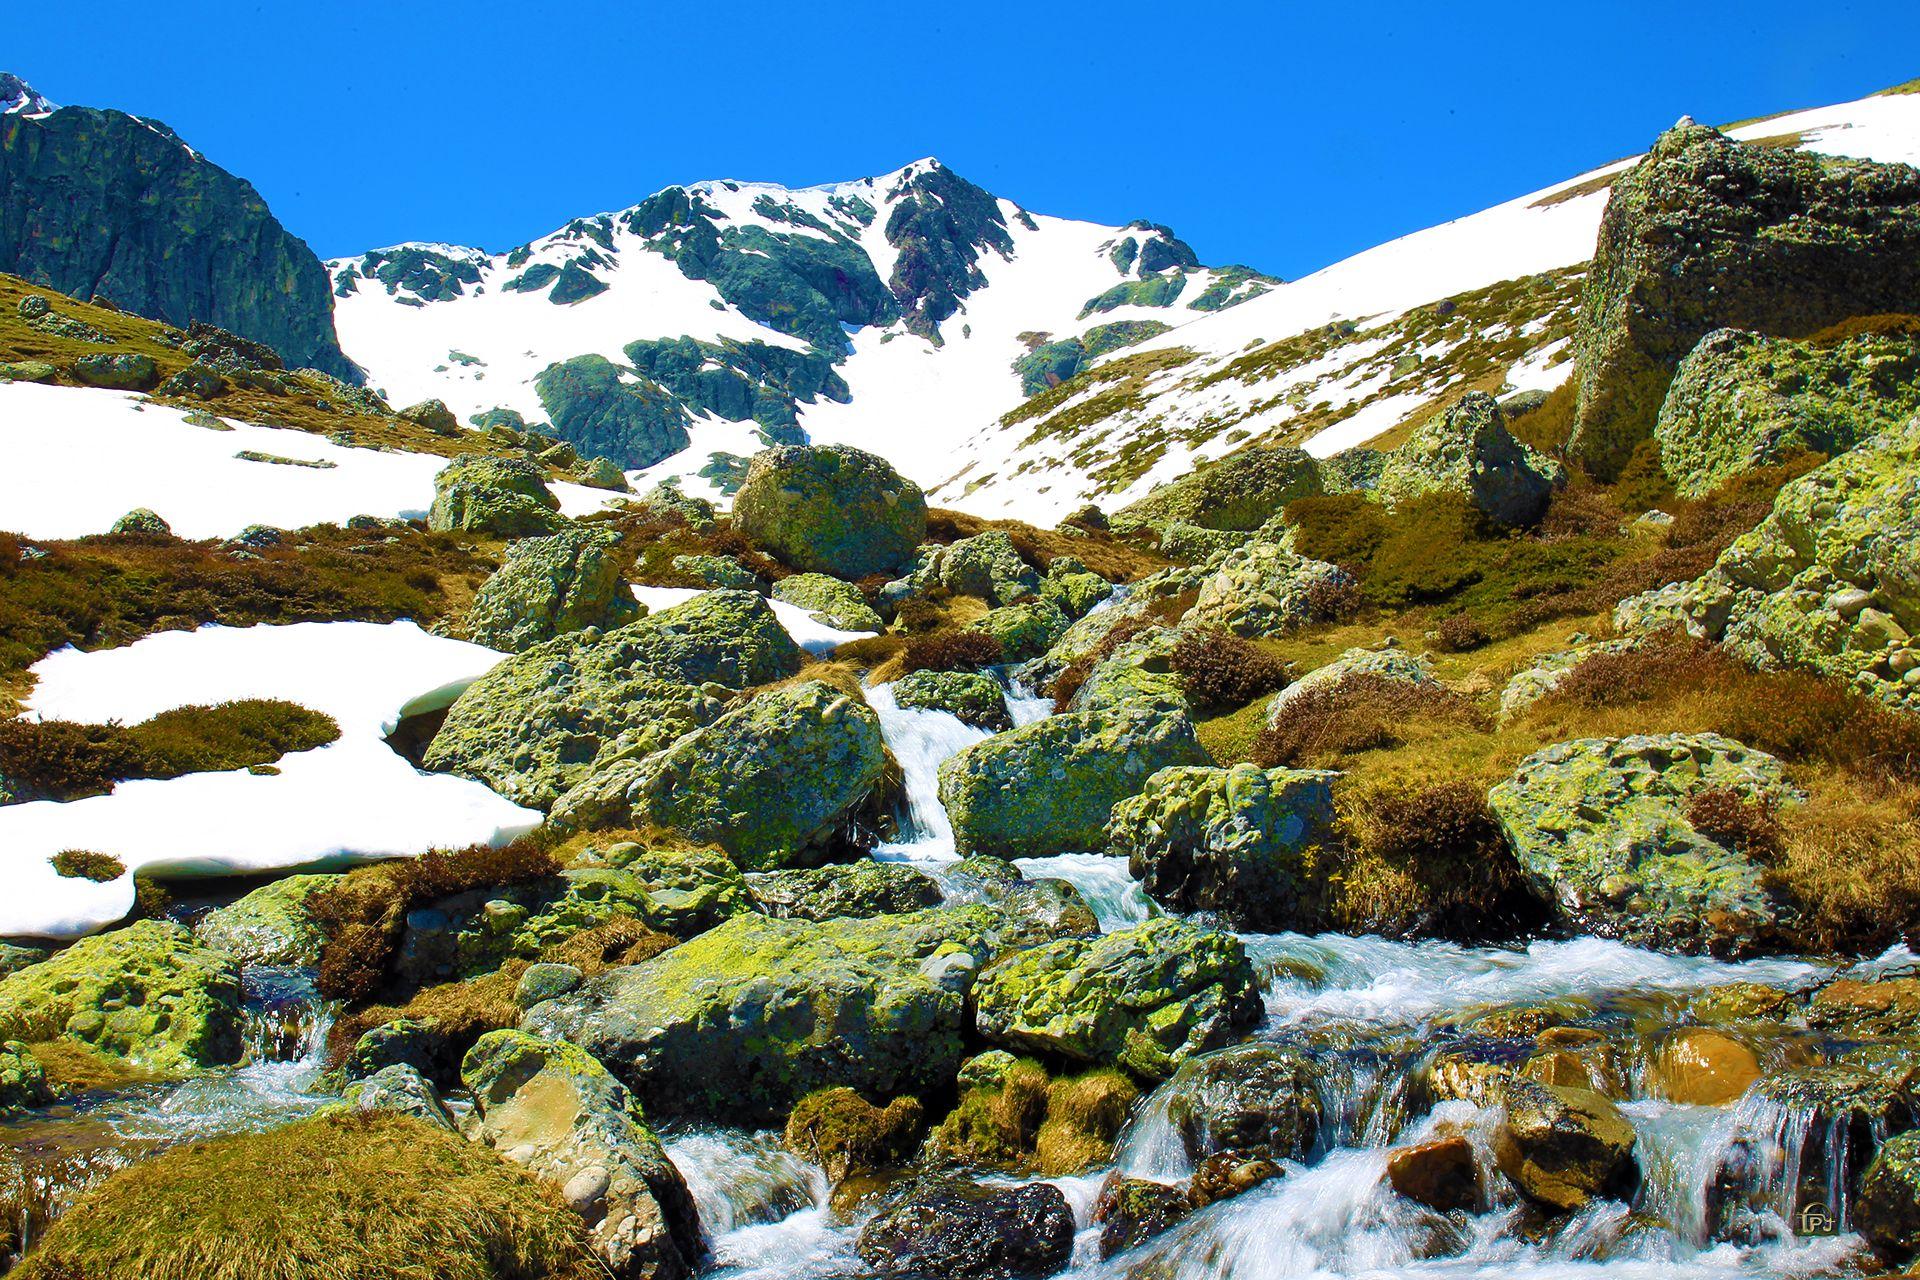 Donde comienza a caer el agua de este rio, el rio Carrion está la laguna de fuentes carrionas que se encuentra en el parque natural fuentes carrionas y fuentes cobre, montaña palentina.